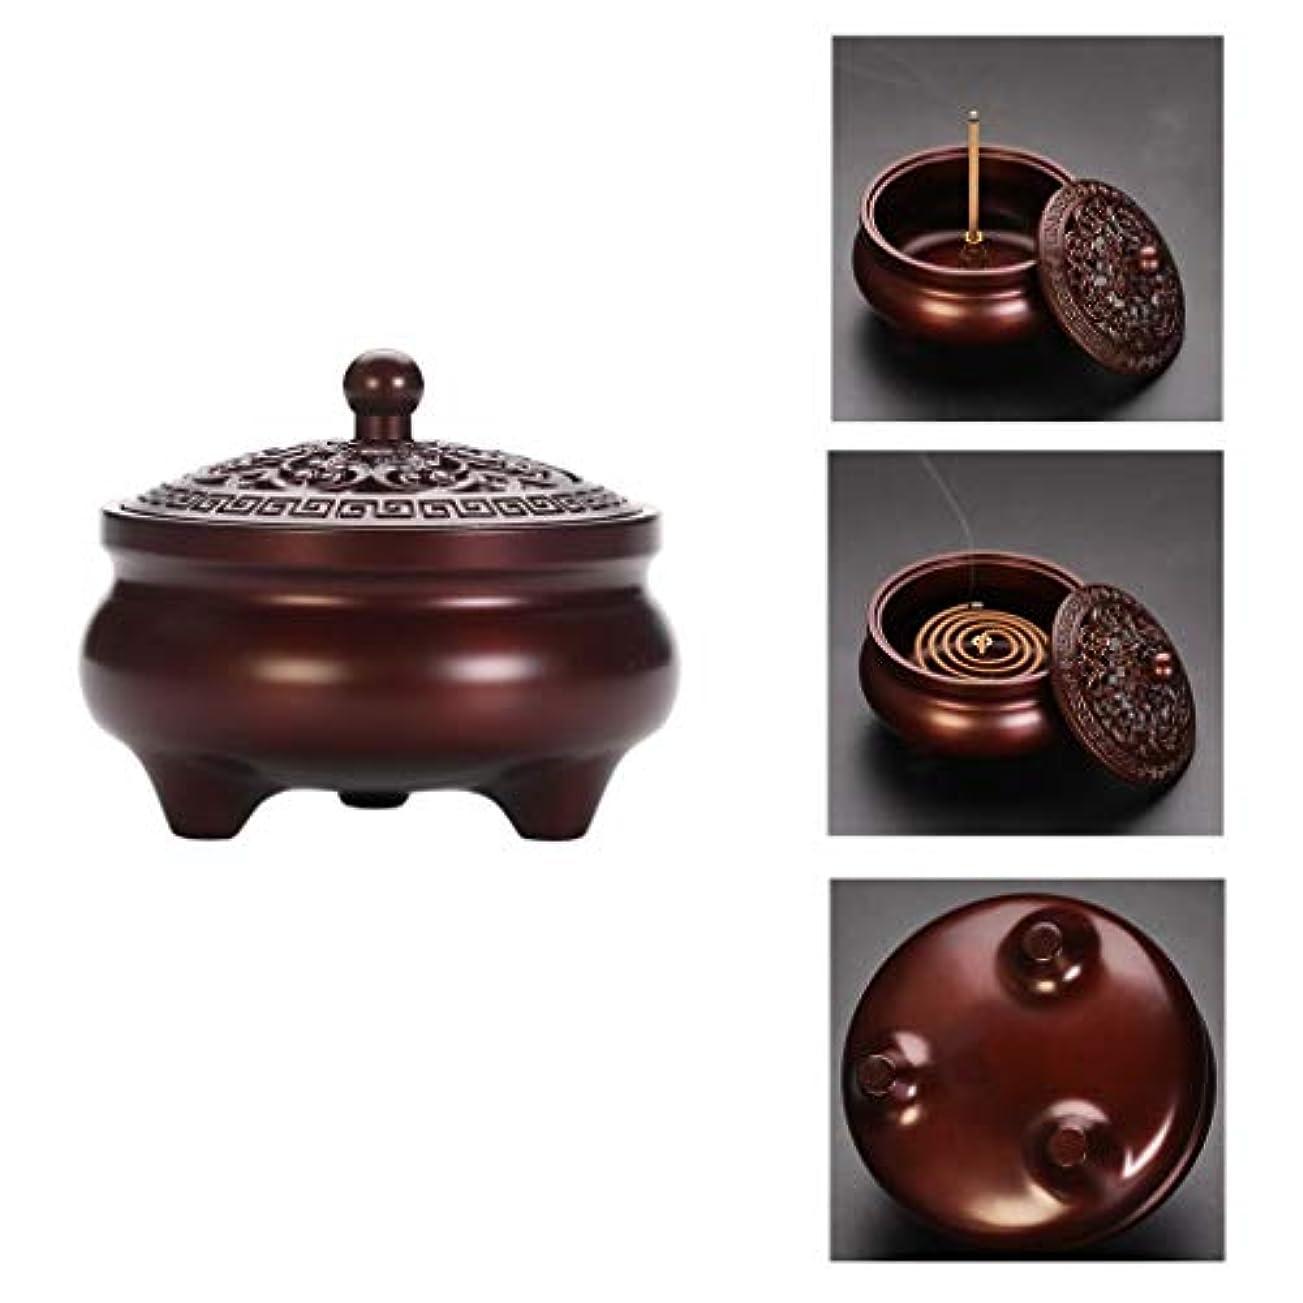 ベル困った形ホームアロマバーナー 純銅製メカニズム香炉シンプルでエレガントな香炉内三脚アロマセラピー炉 アロマバーナー (Color : Purple Lotus)